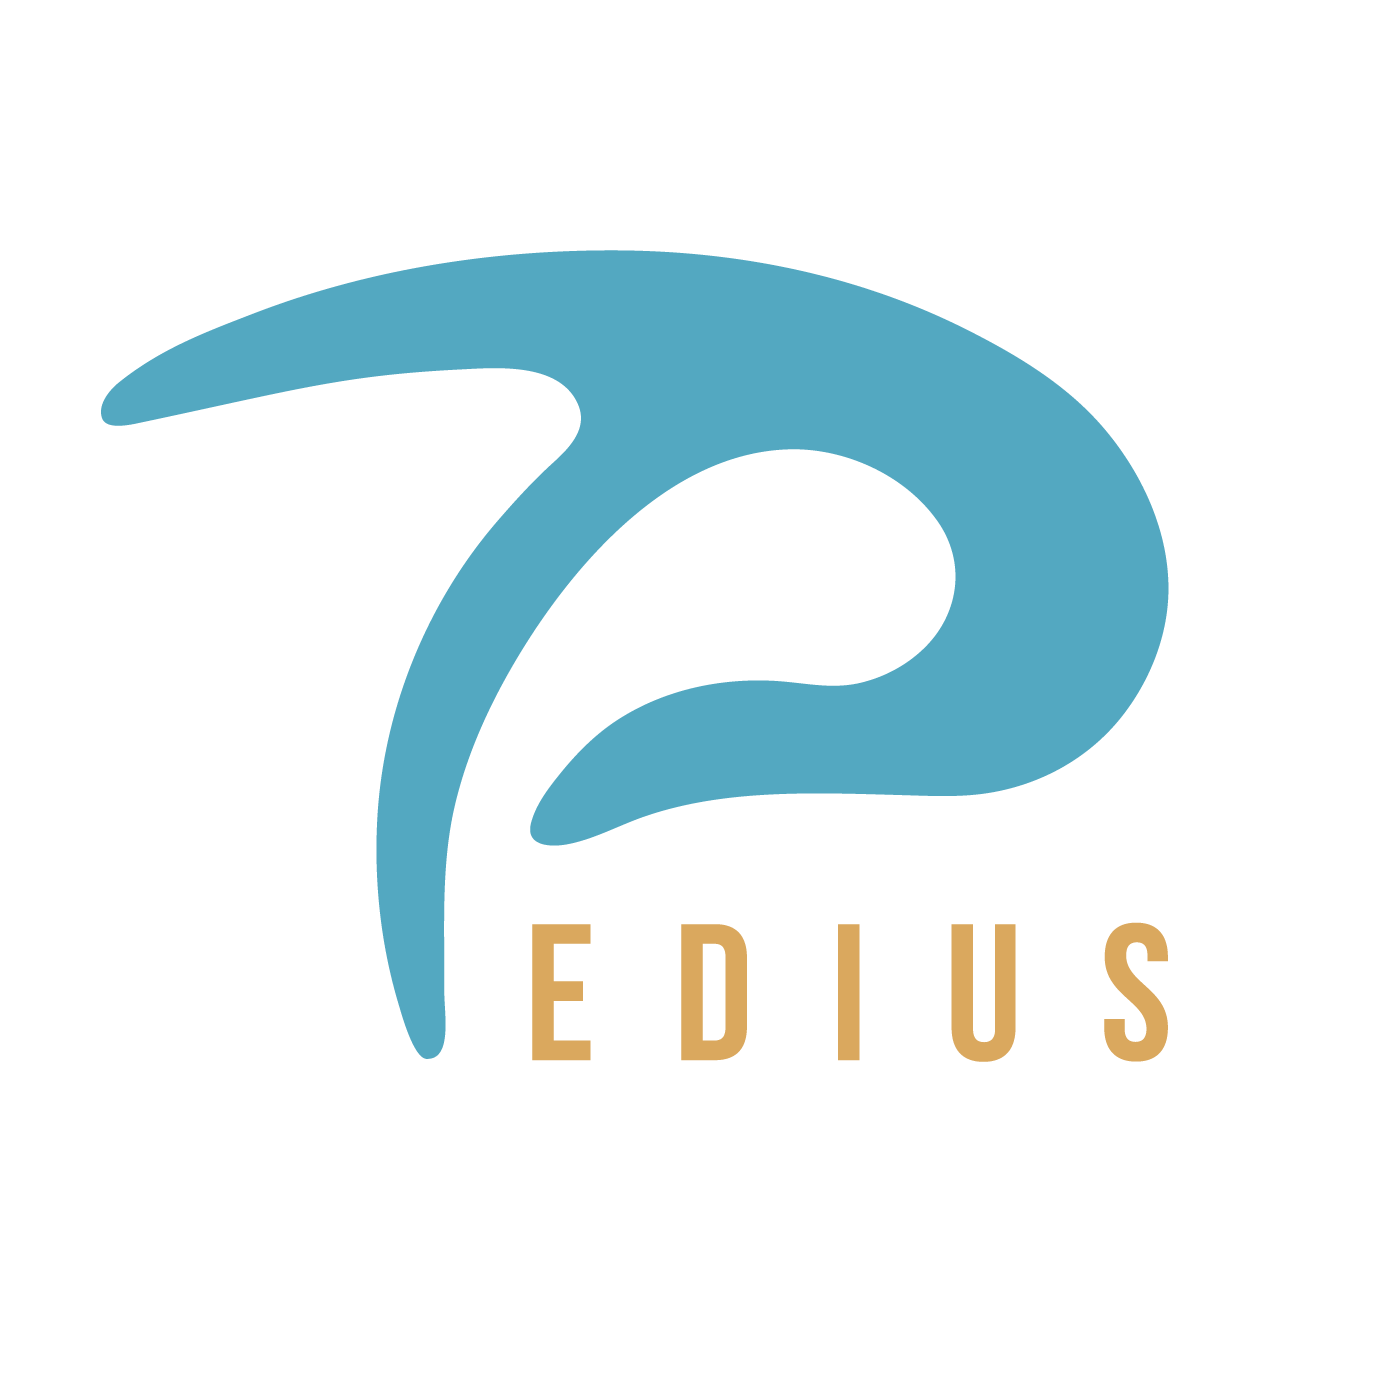 Pedius_Logo